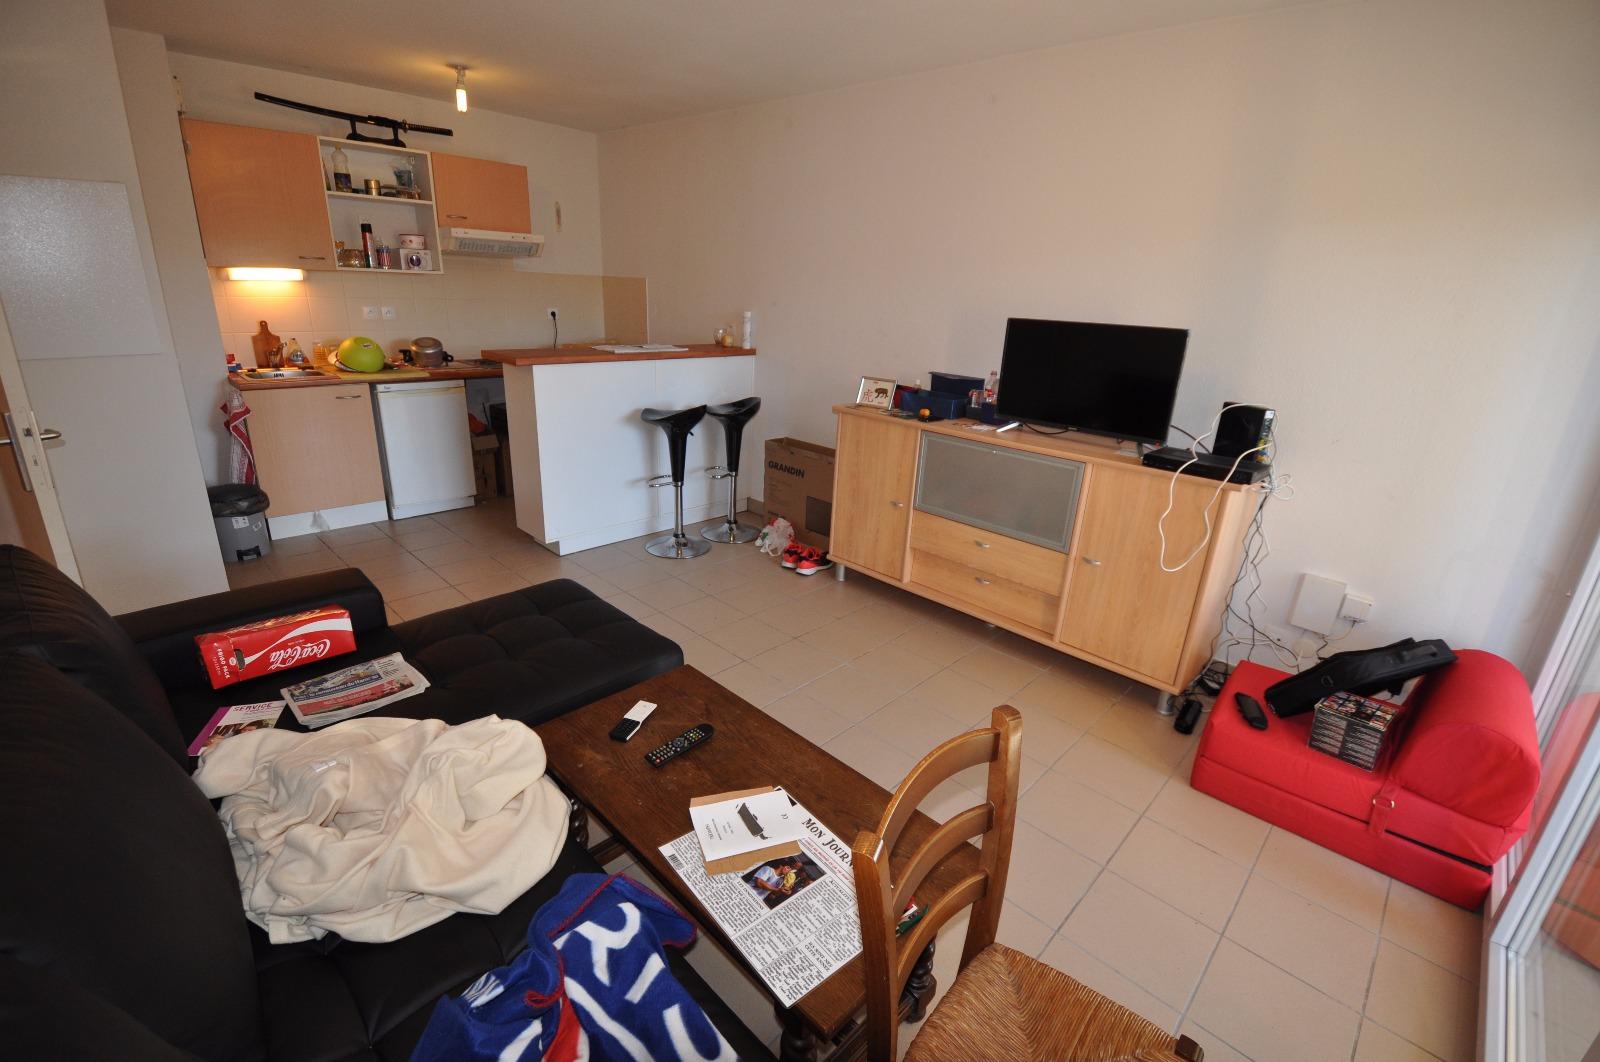 Exclusivit lons appartement t2 lou - Achat appartement loue ...